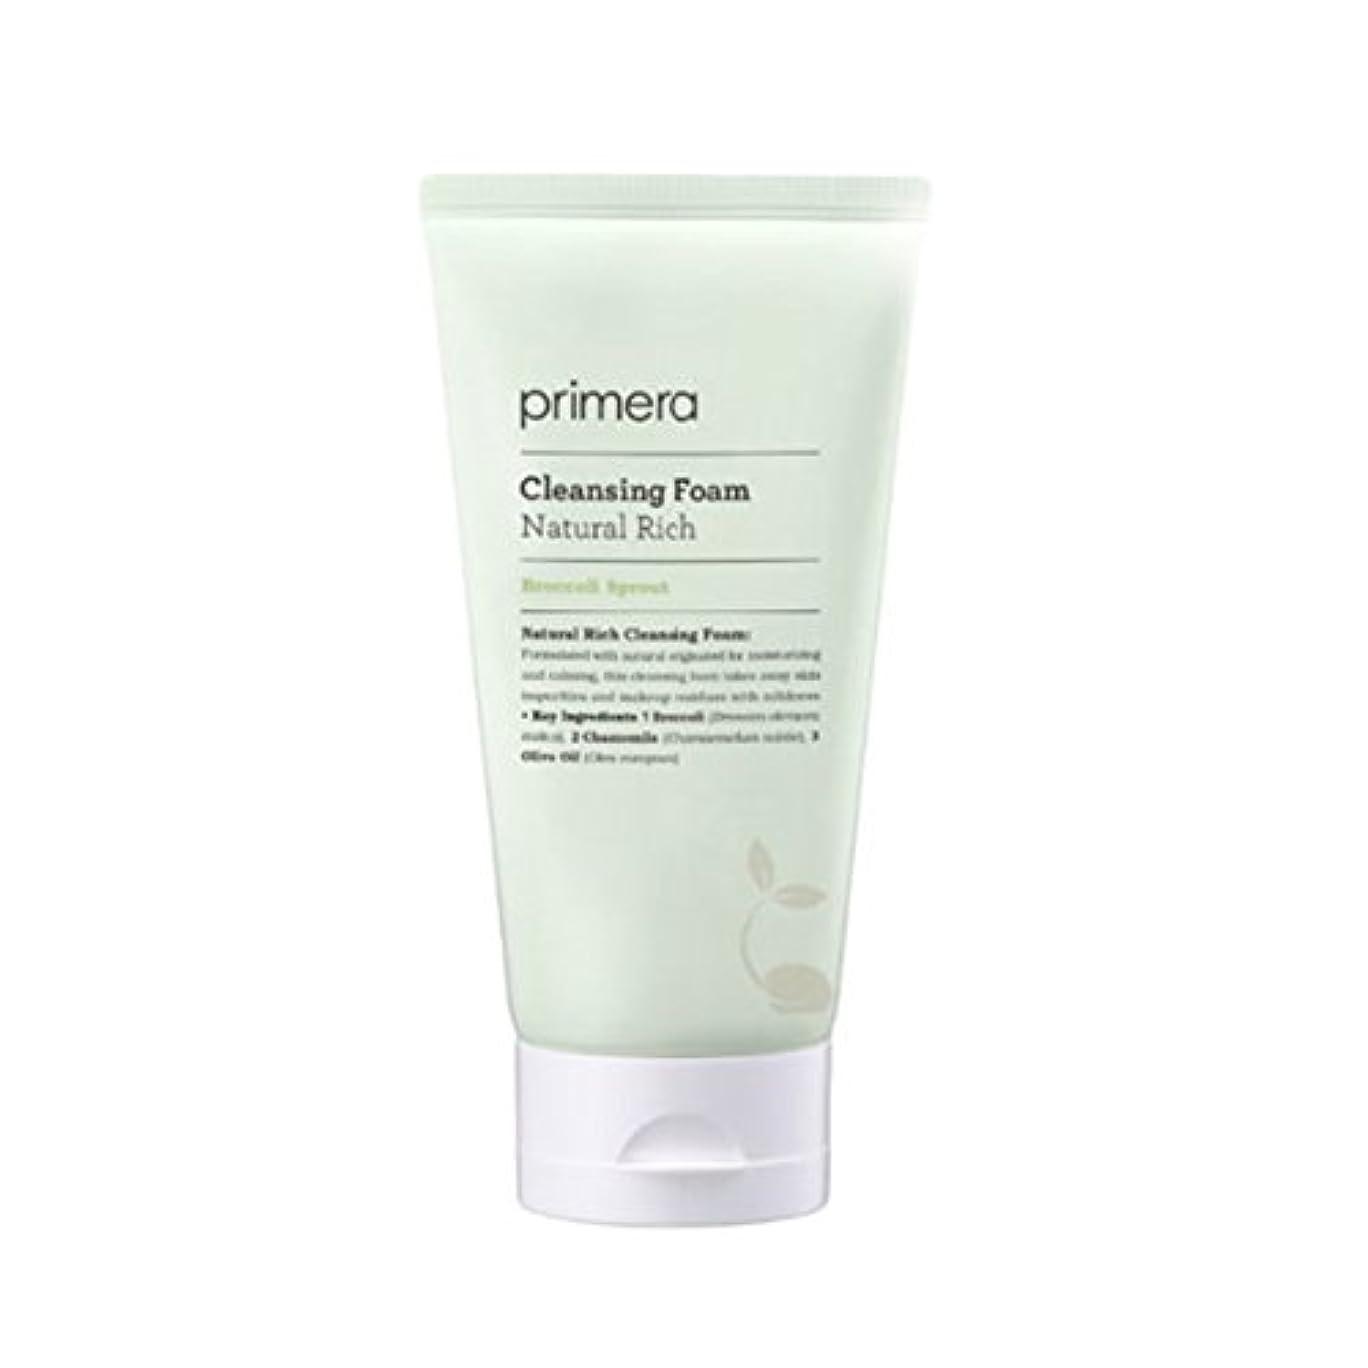 (プリメーラ) PRIMERA Natural Rich Cleansing Foam ナチュラルリッチ クレンジングフォーム (韓国直発送) oopspanda